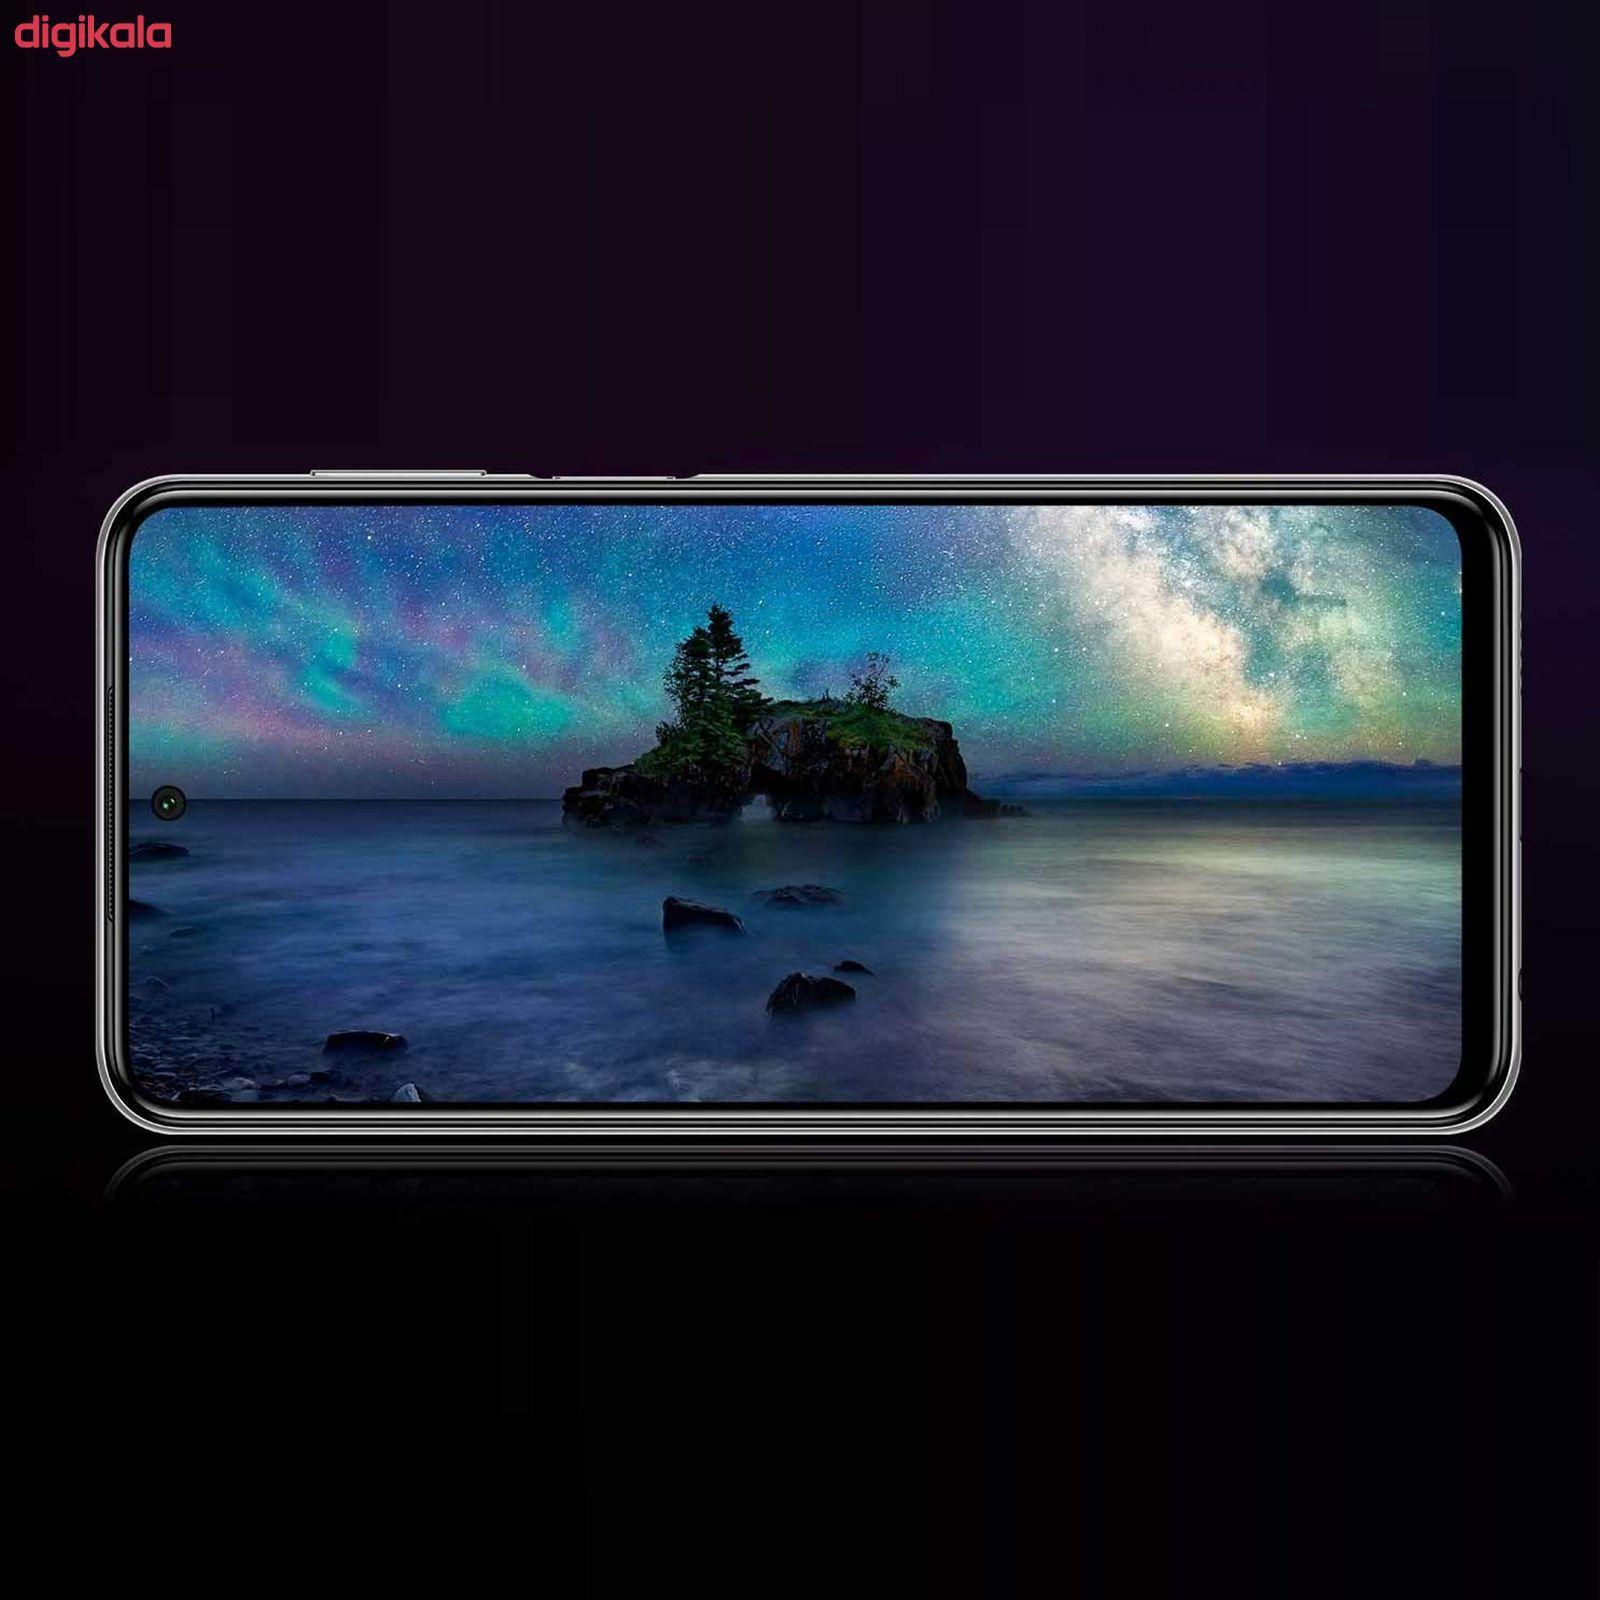 گوشی موبایل شیائومی مدل Redmi Note 9 Pro M2003J6B2G دو سیم کارت ظرفیت 64 گیگابایت main 1 6